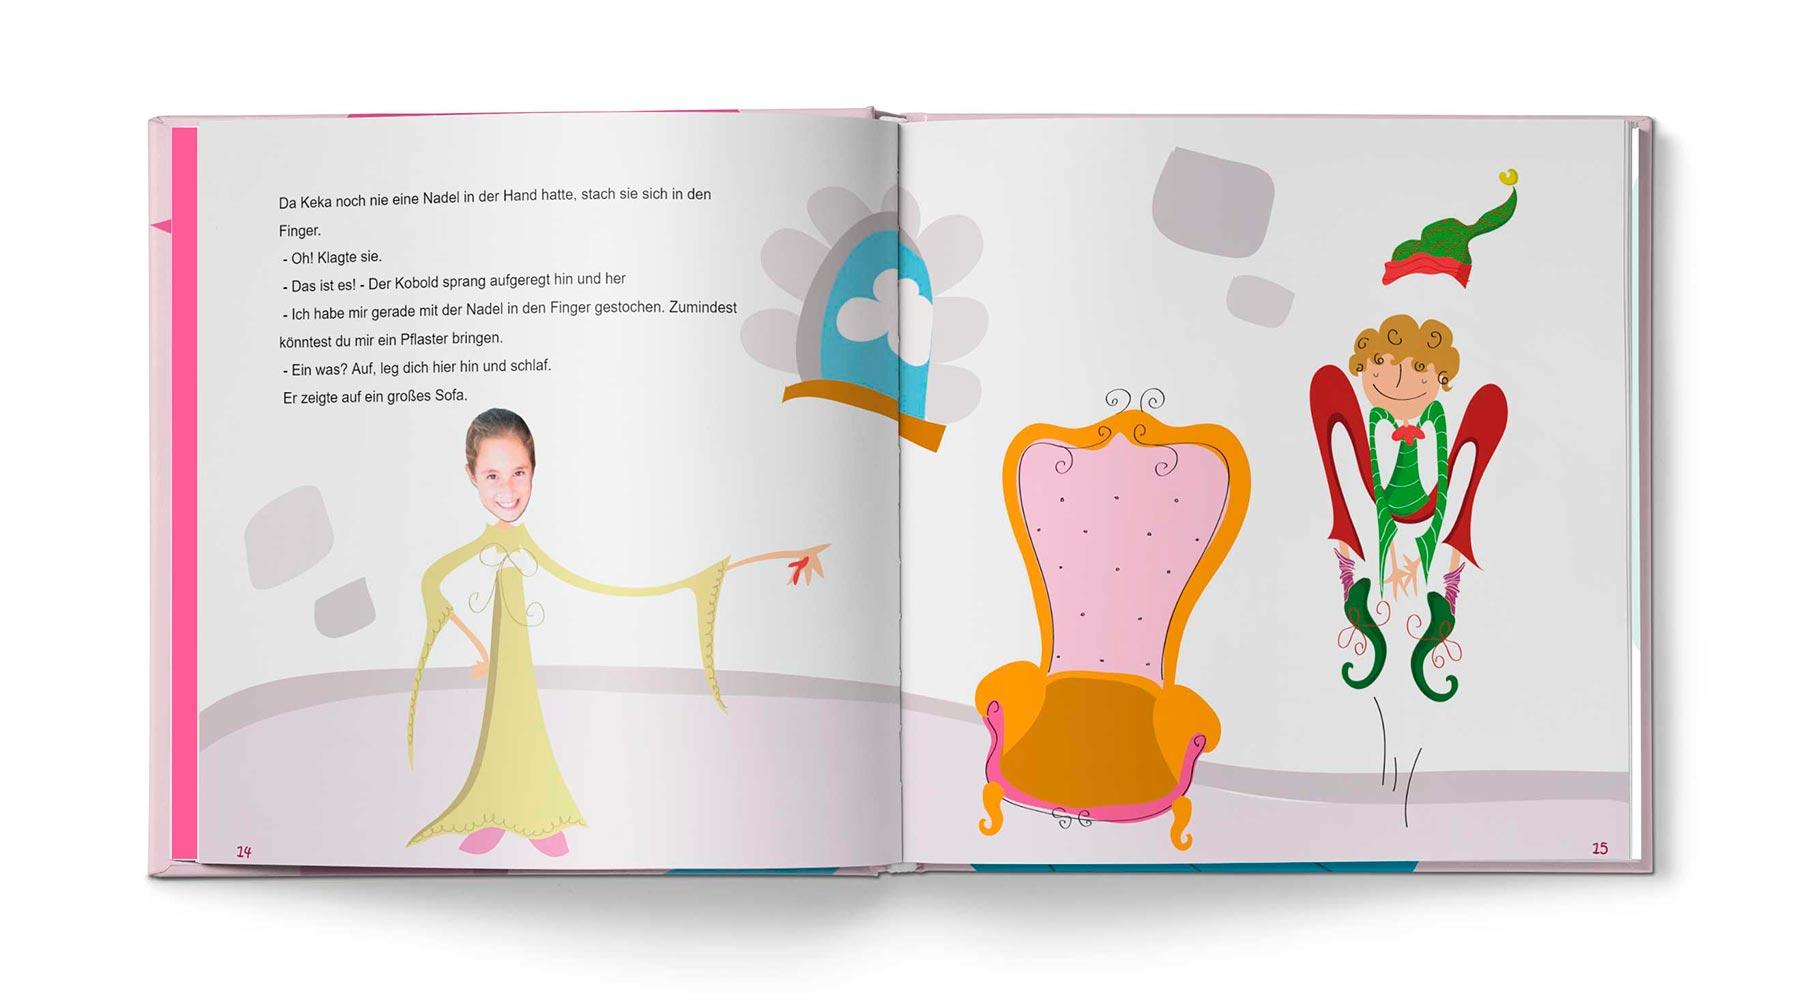 Geschichte Die Prinzessin und das Pflaster - Bild 7